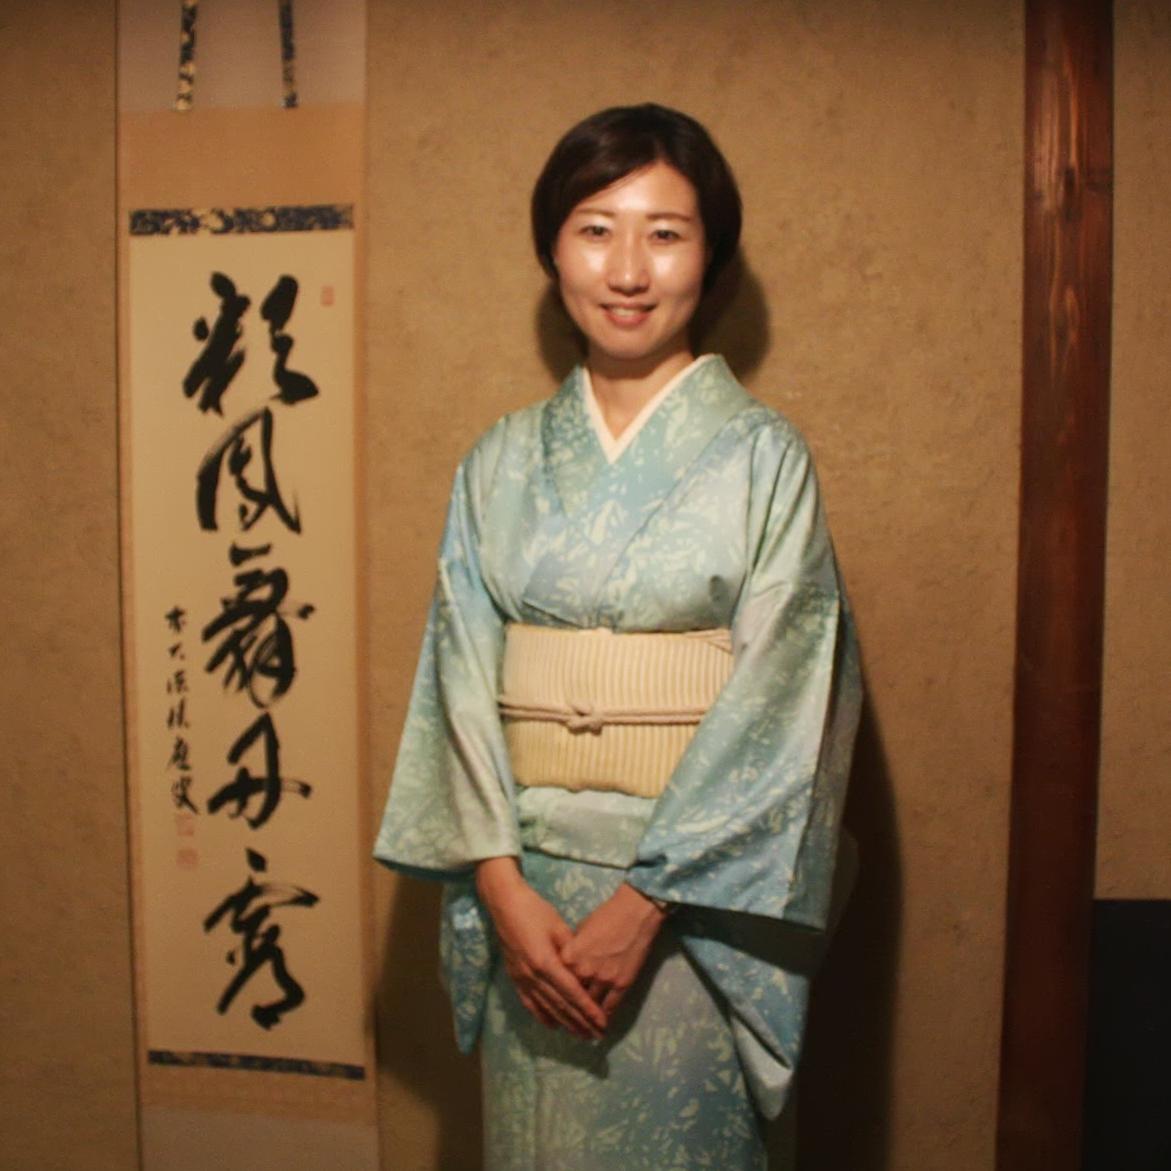 Kimiko Yamamoto